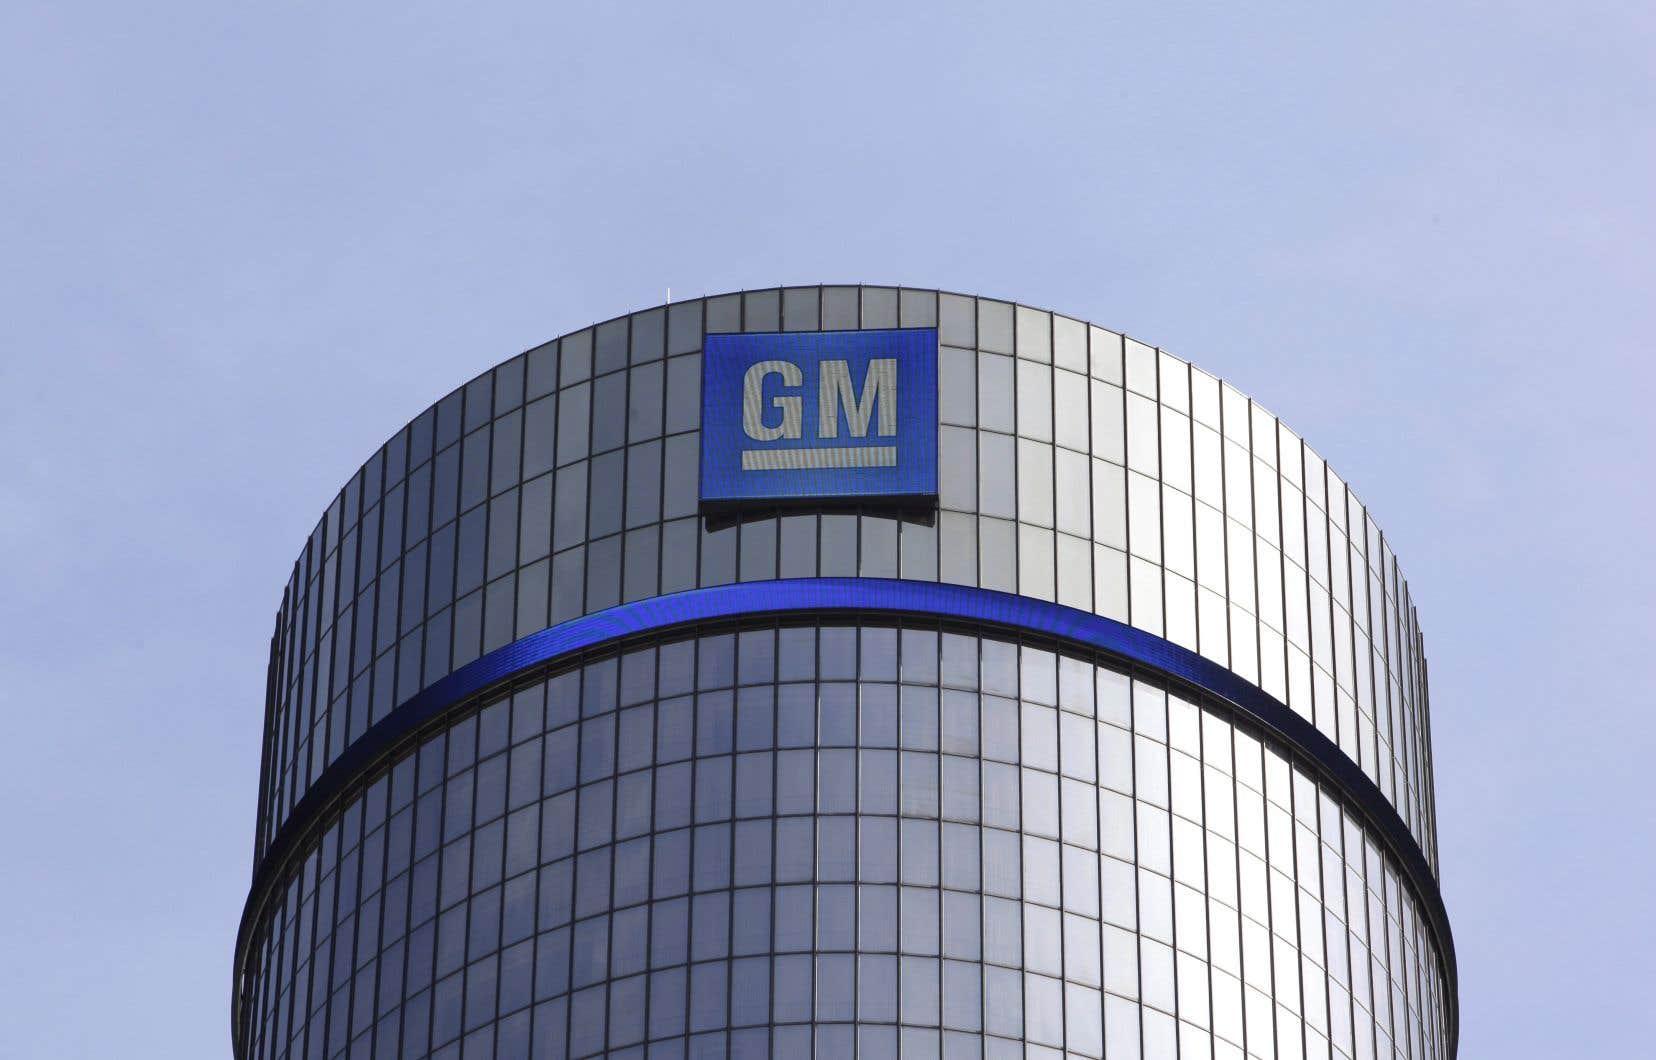 L'industrie automobile traverse sa période la plus difficile depuis la Grande Récession, durant laquelle les gouvernements avaient dû sauver GM et Chrysler de la faillite à coups de dizaines de milliards.